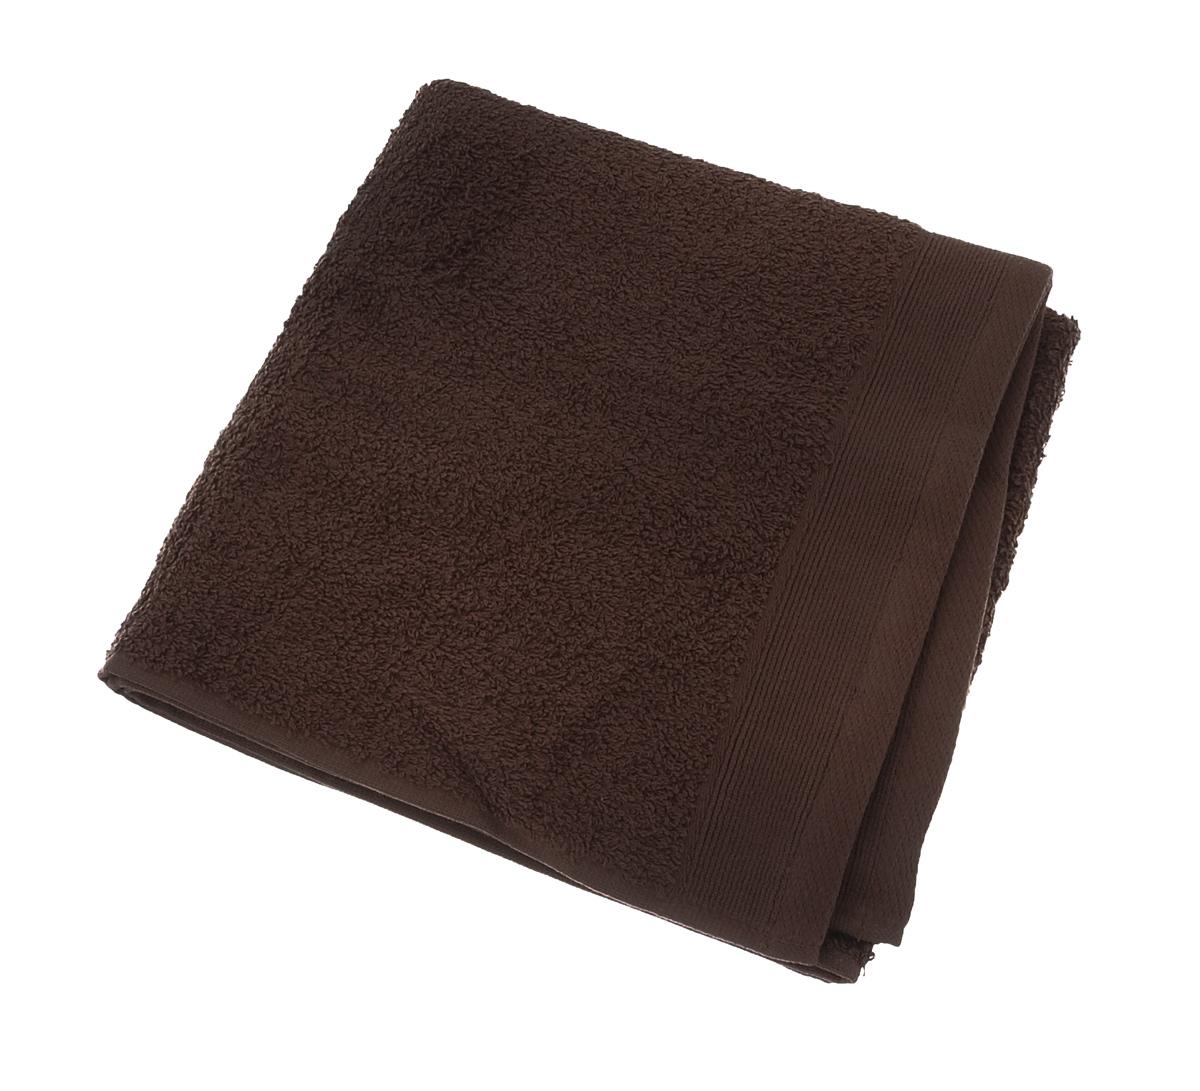 Полотенце махровое Guten Morgen, цвет: какао, 50 х 100 смПМк-50-100Махровое полотенце Guten Morgen, изготовленное из натурального хлопка, прекрасно впитывает влагу и быстро сохнет. Высокая плотность ткани делает полотенце мягкими, прочными и пушистыми. При соблюдении рекомендаций по уходу изделие сохраняет яркость цвета и не теряет форму даже после многократных стирок. Махровое полотенце Guten Morgen станет достойным выбором для вас и приятным подарком для ваших близких. Мягкость и высокое качество материала, из которого изготовлено полотенце, не оставит вас равнодушными.